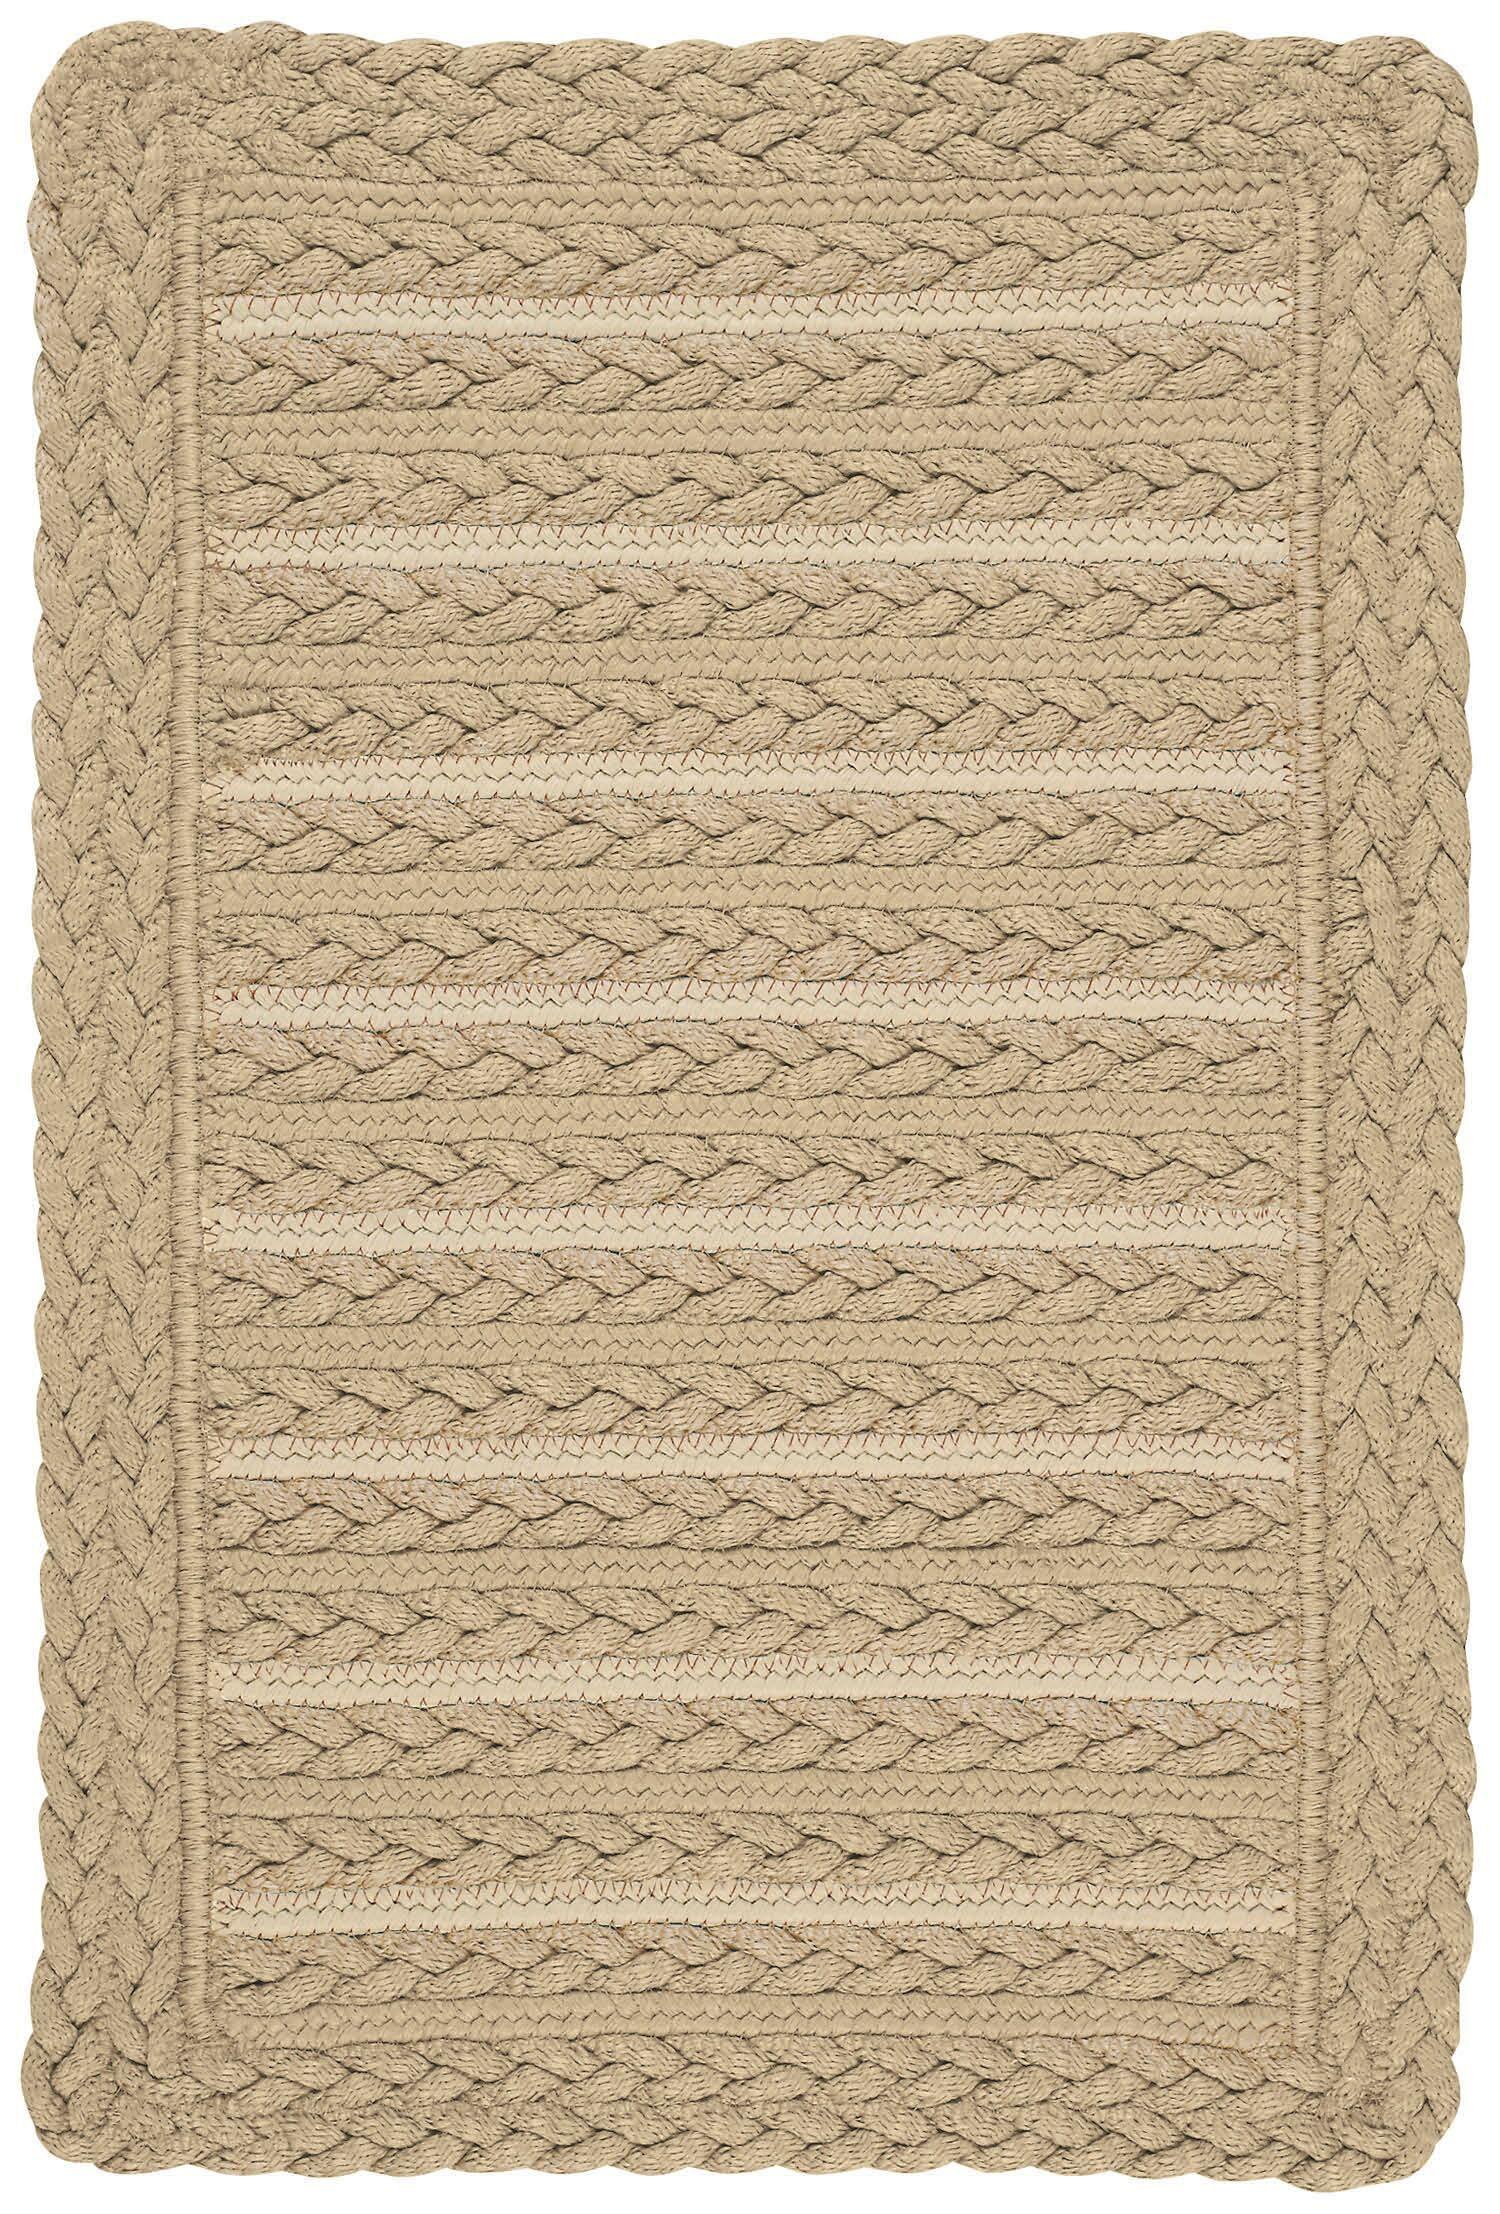 Lyndon Beige Indoor/Outdoor Area Rug Rug Size: Cross Sewn 8' x 11'